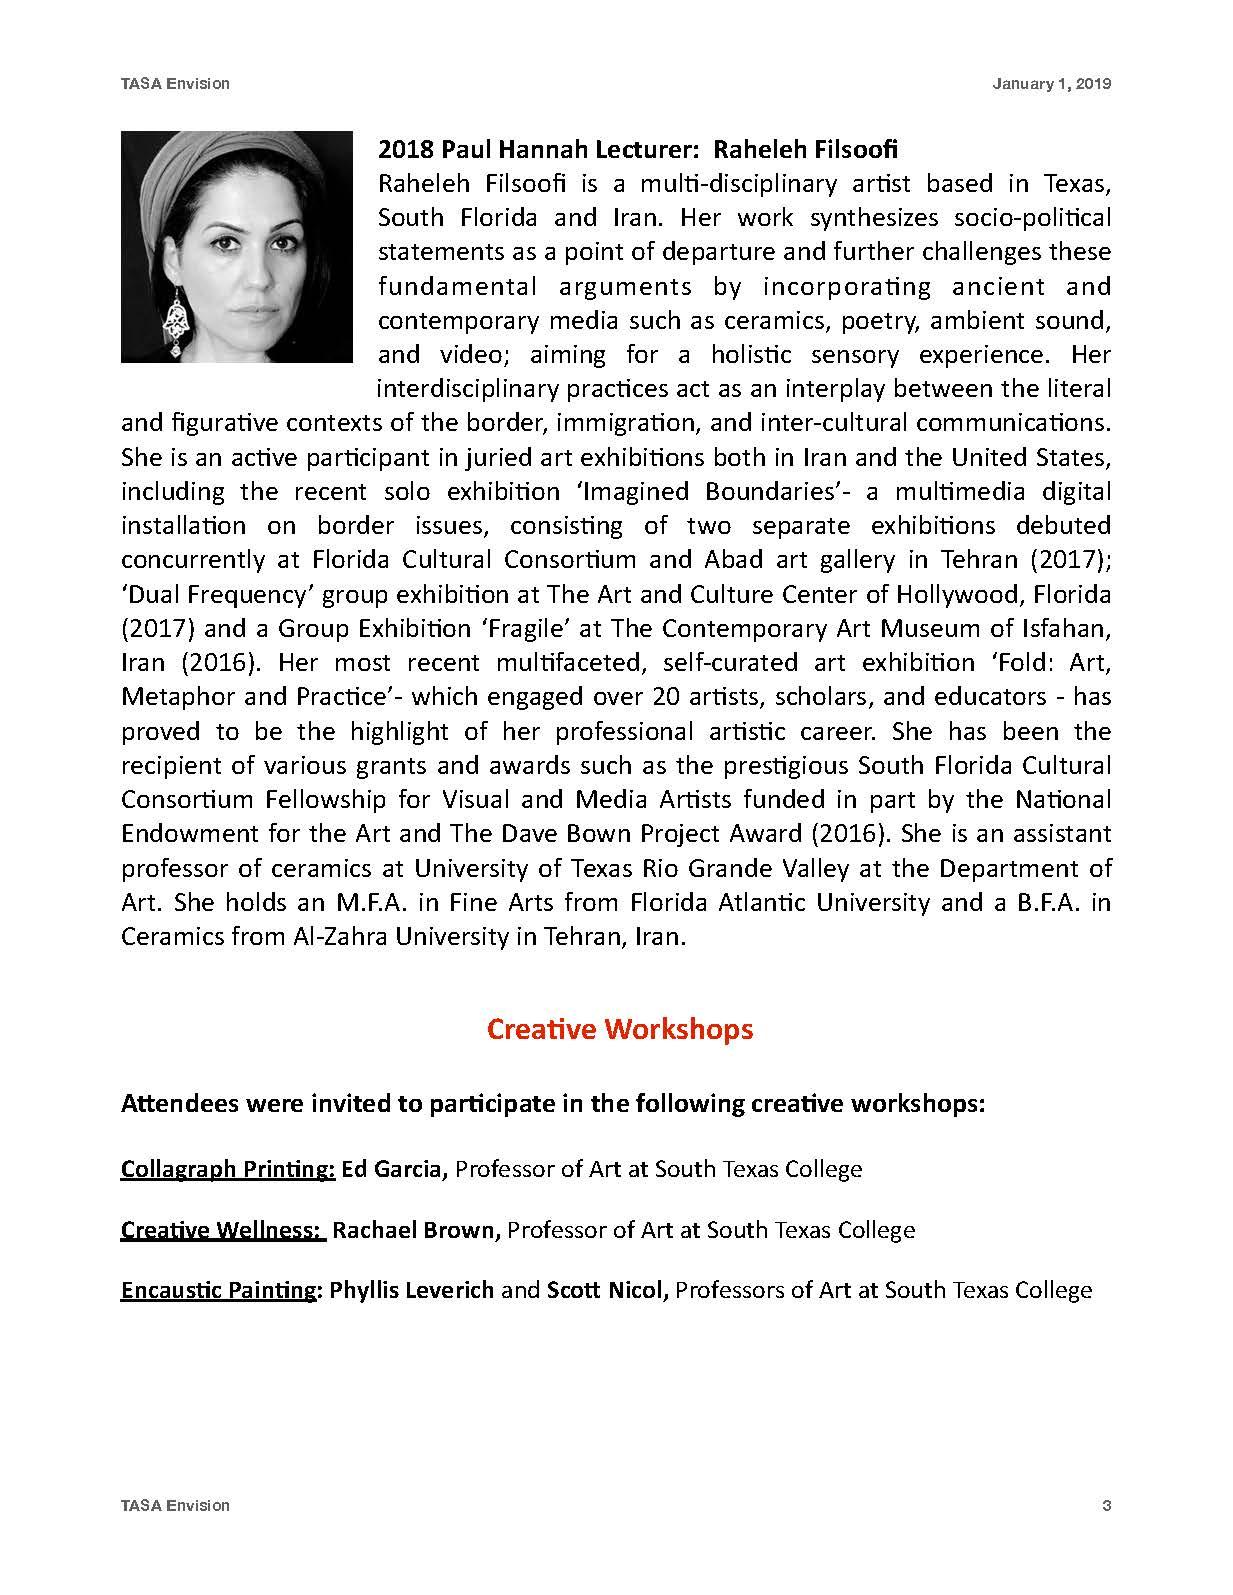 TASA newsletter 2018 McAllen (lower res)(1)_Page_03.jpg